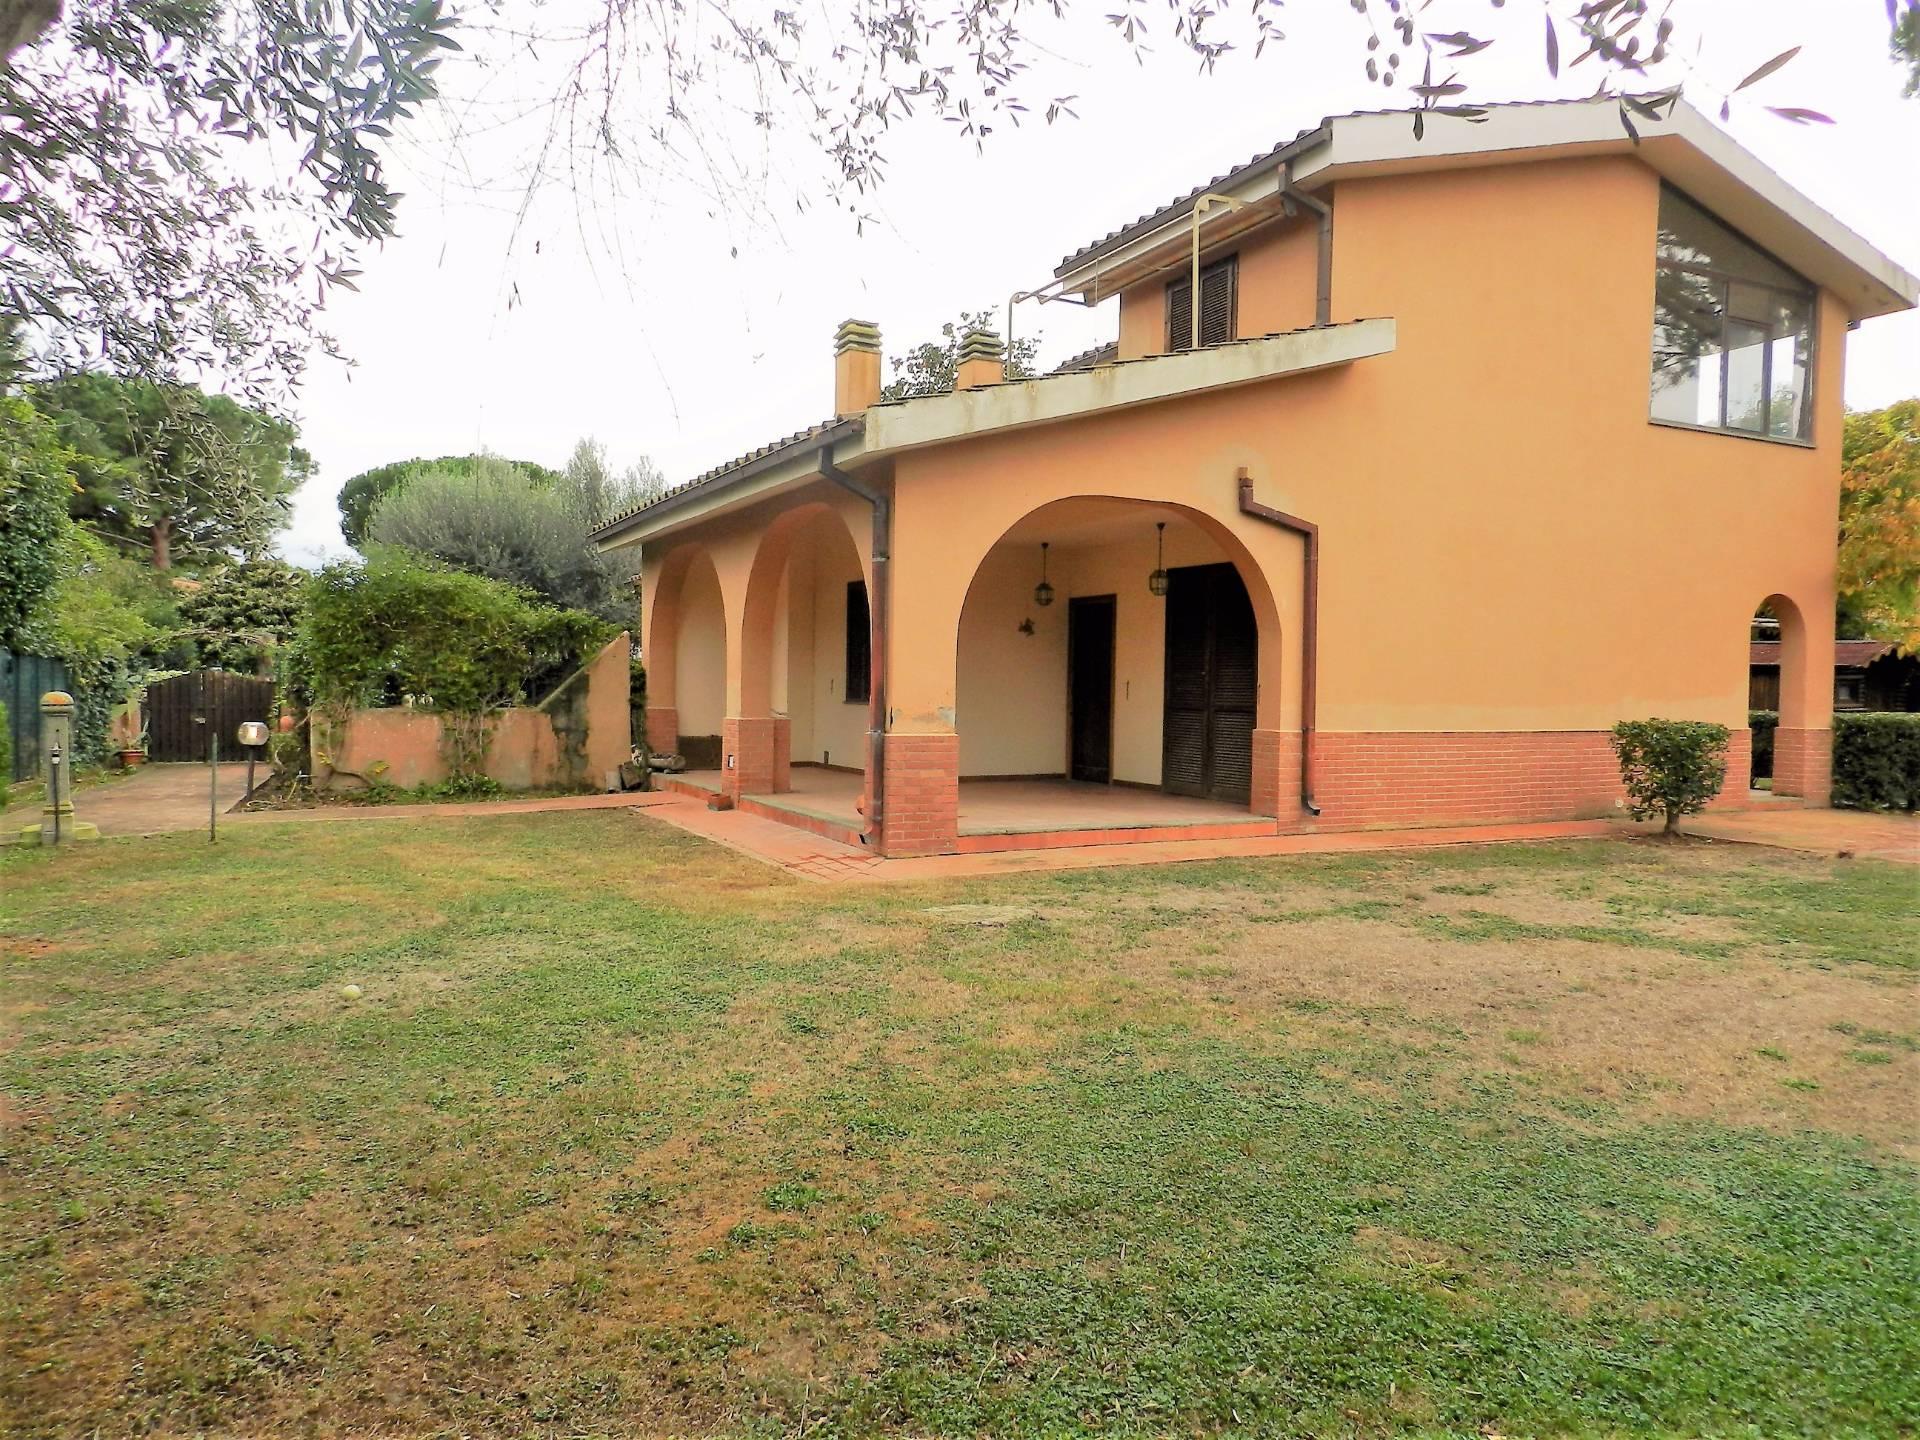 Villa in vendita a Tarquinia, 5 locali, zona Località: MarinaVelca, prezzo € 198.000   CambioCasa.it